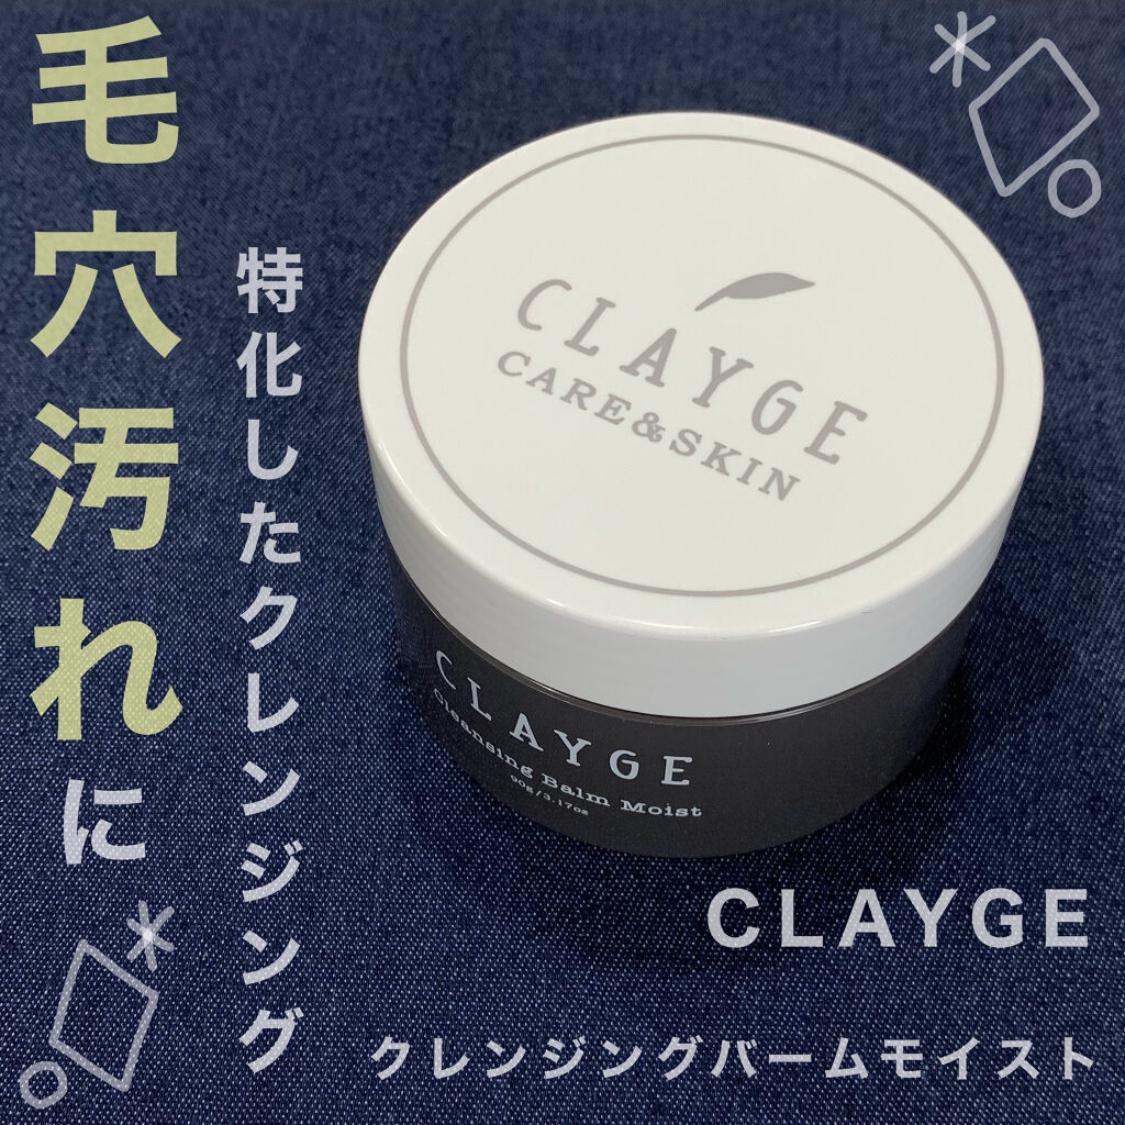 CLAYGE(クレージュ) クレンジングバーム モイストを使ったKeiさんのクチコミ画像1